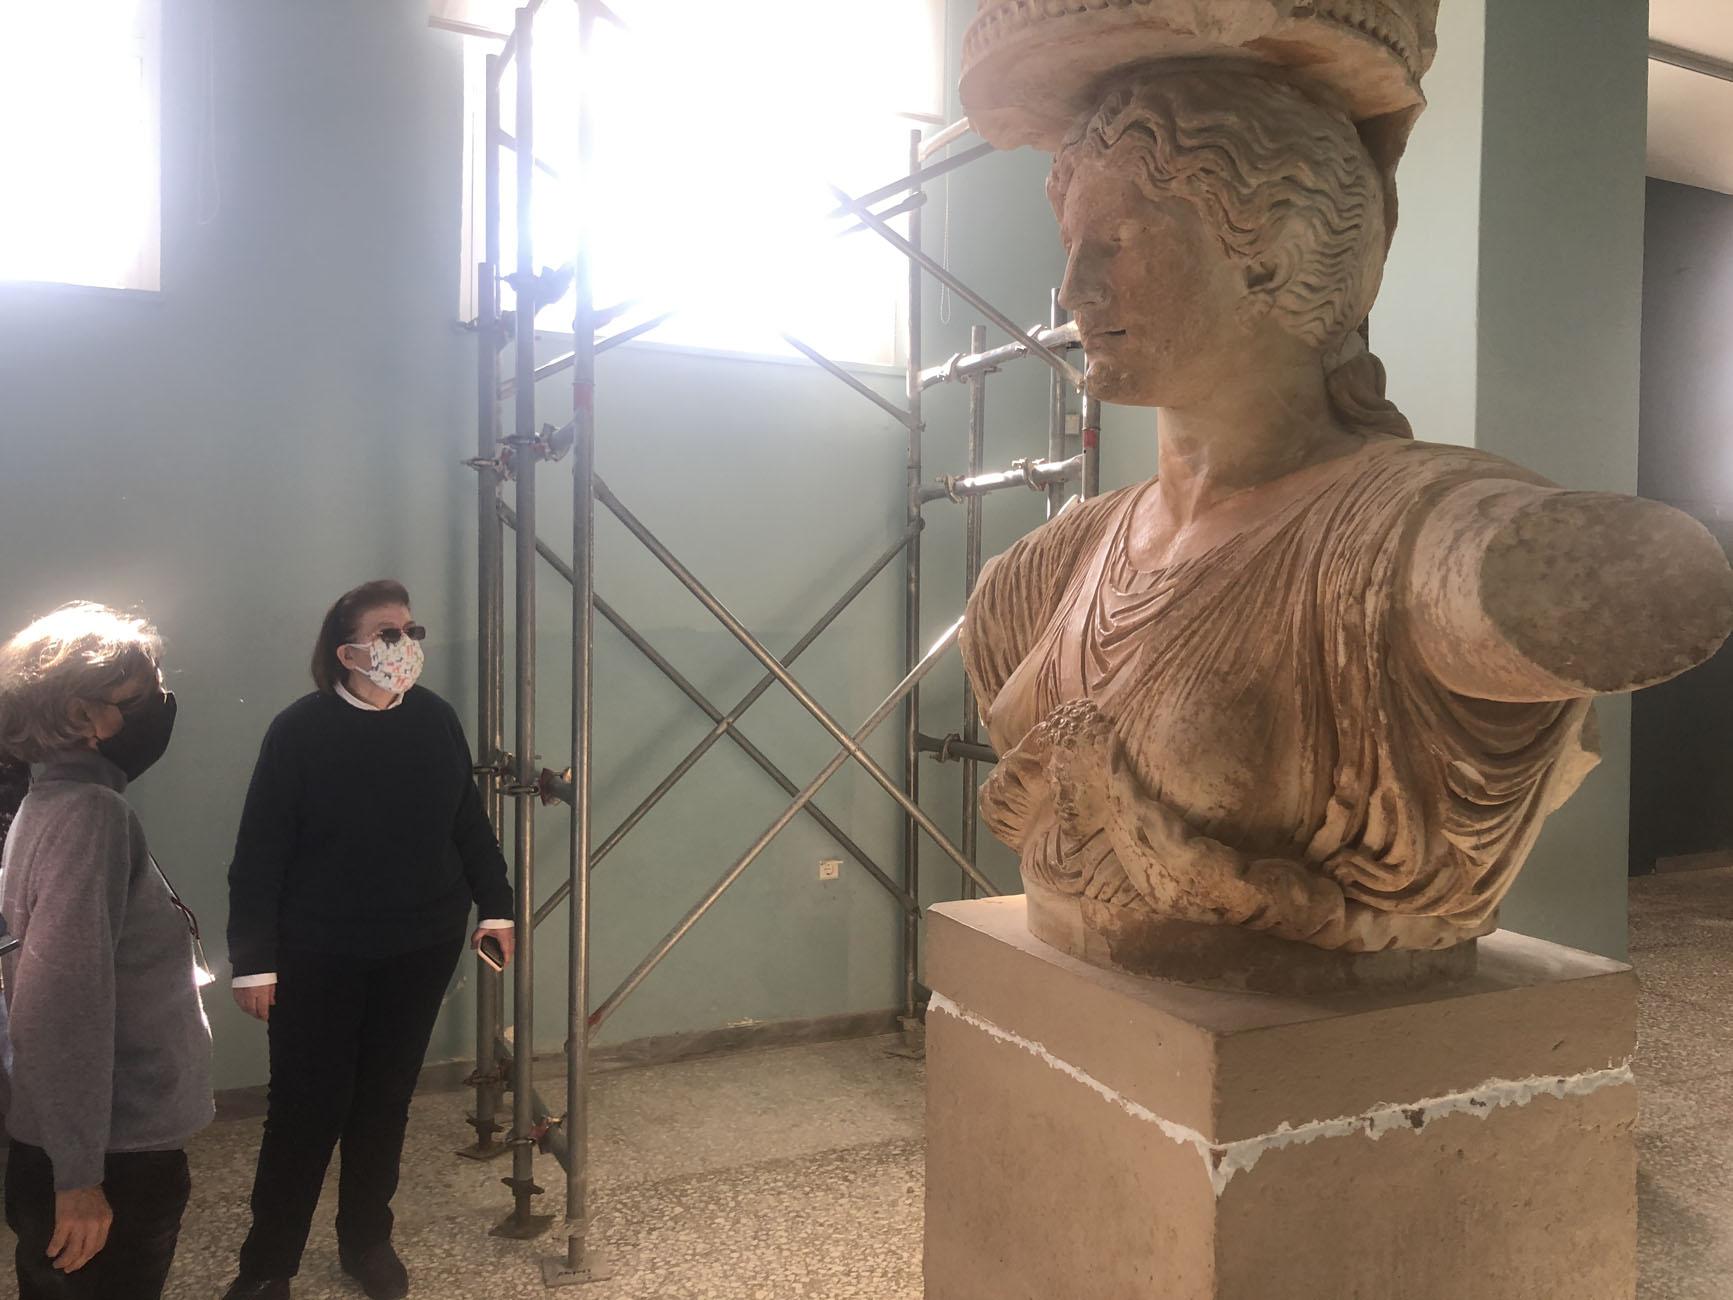 Ελευσίνα: Αυτοψία Μενδώνη στον αρχαιολογικό χώρο (pics)